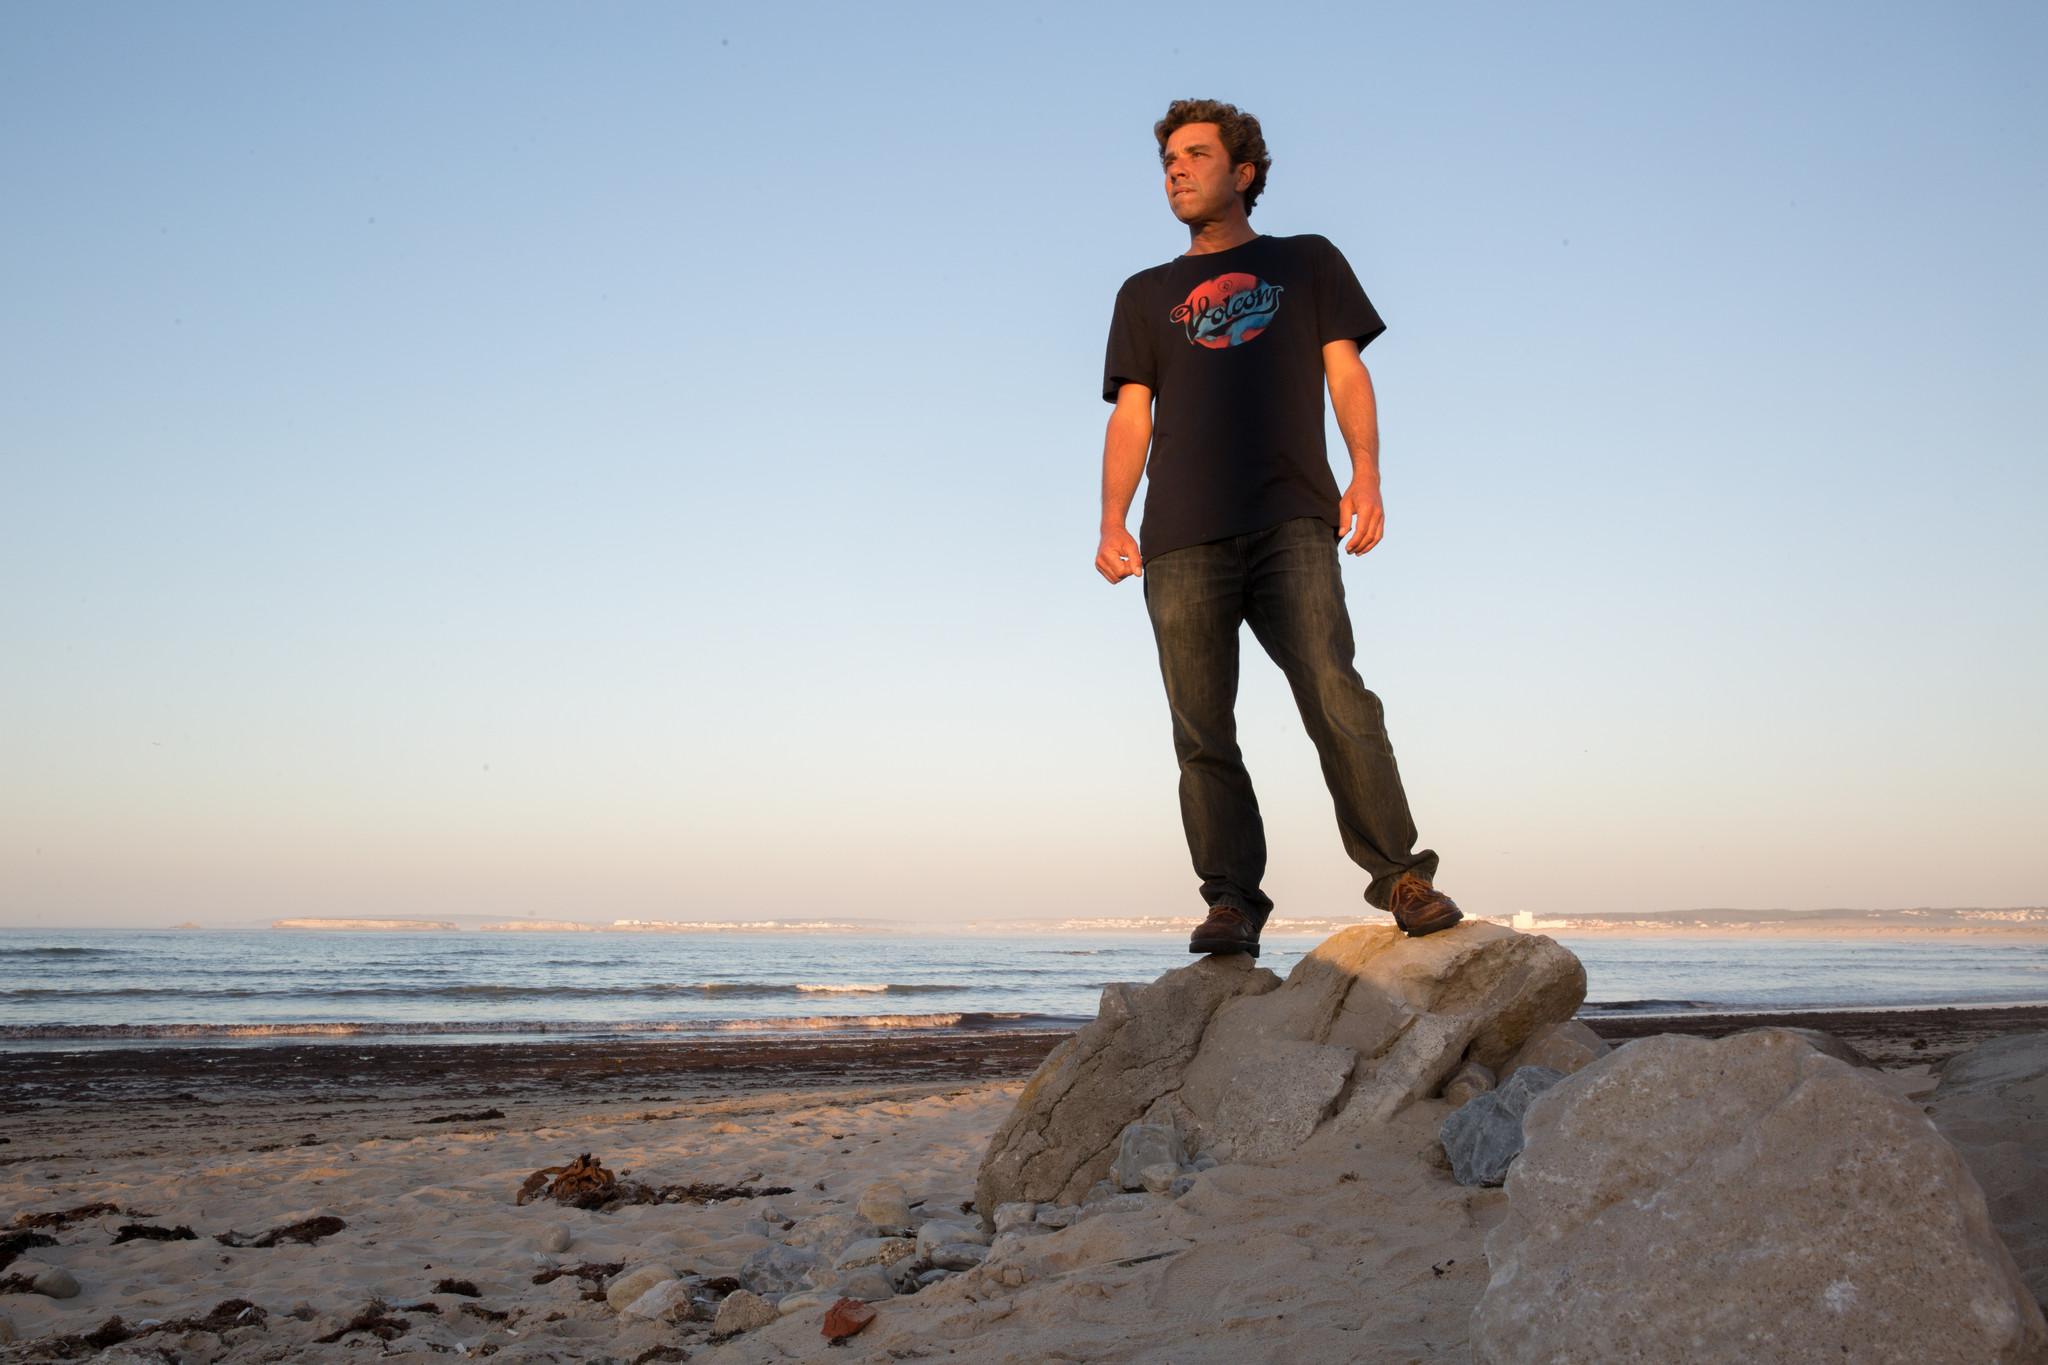 lb surfguide peniche 29-09-16 7283.jpg